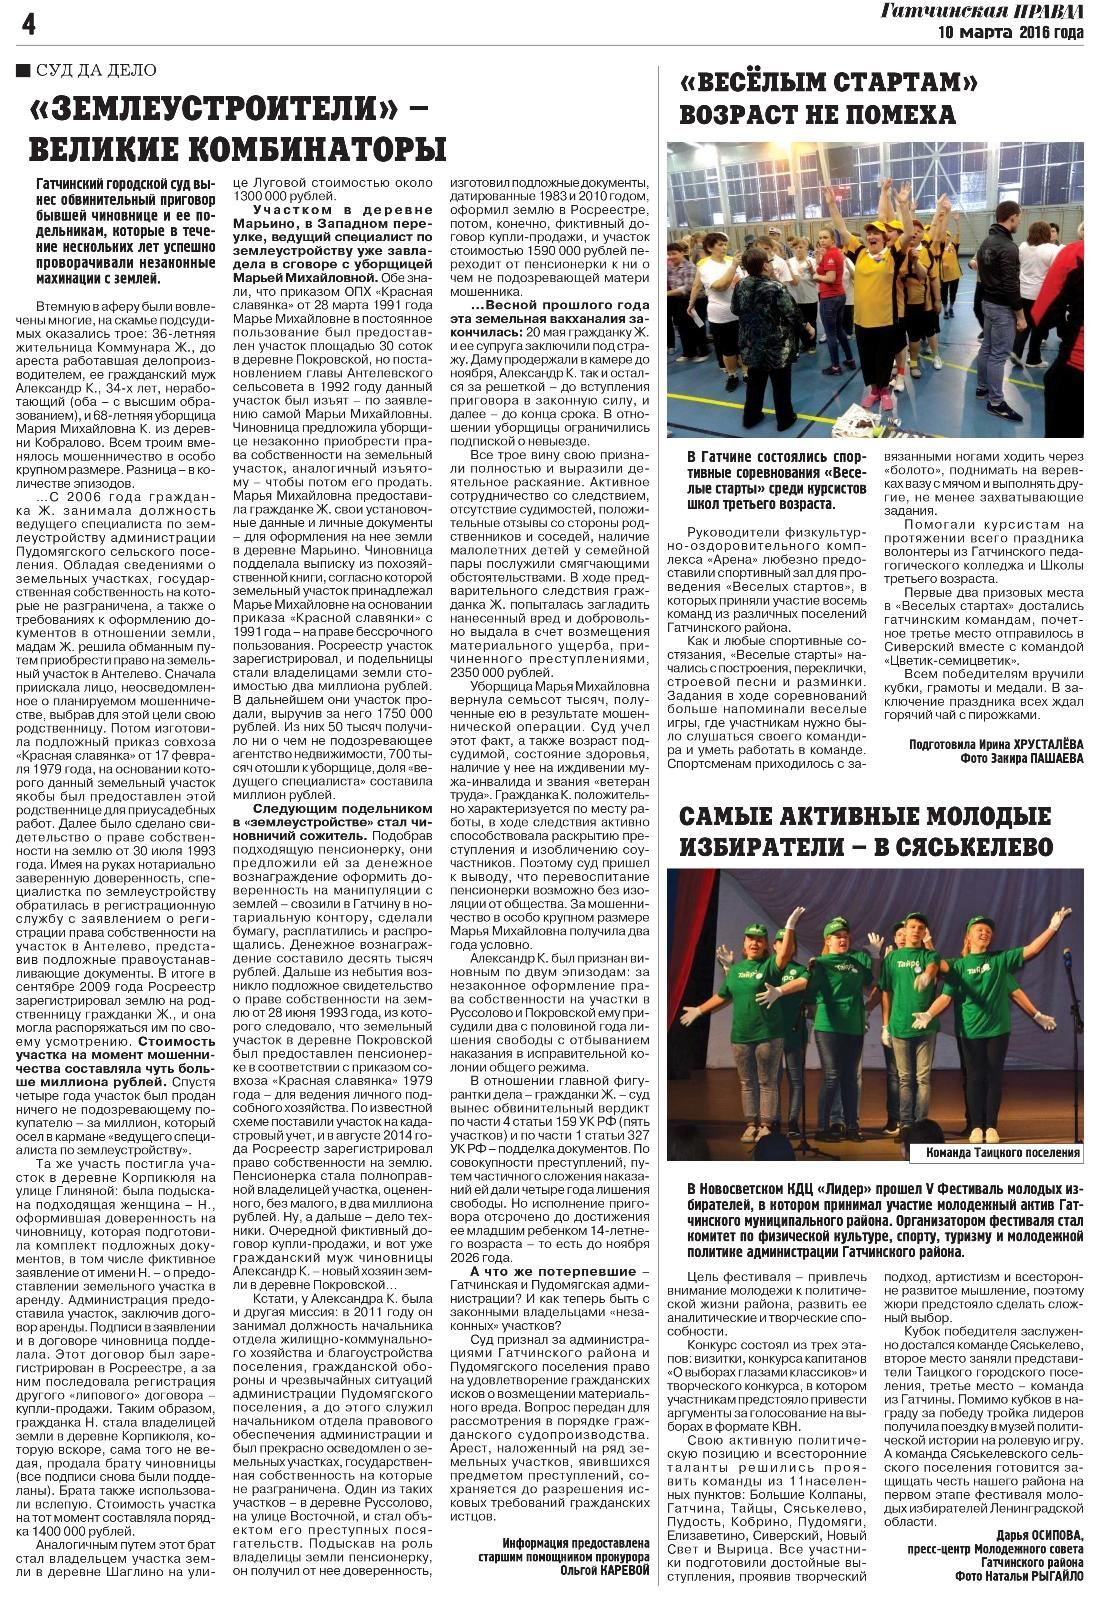 Гатчинская правда №24 от 10 марта 2016 года